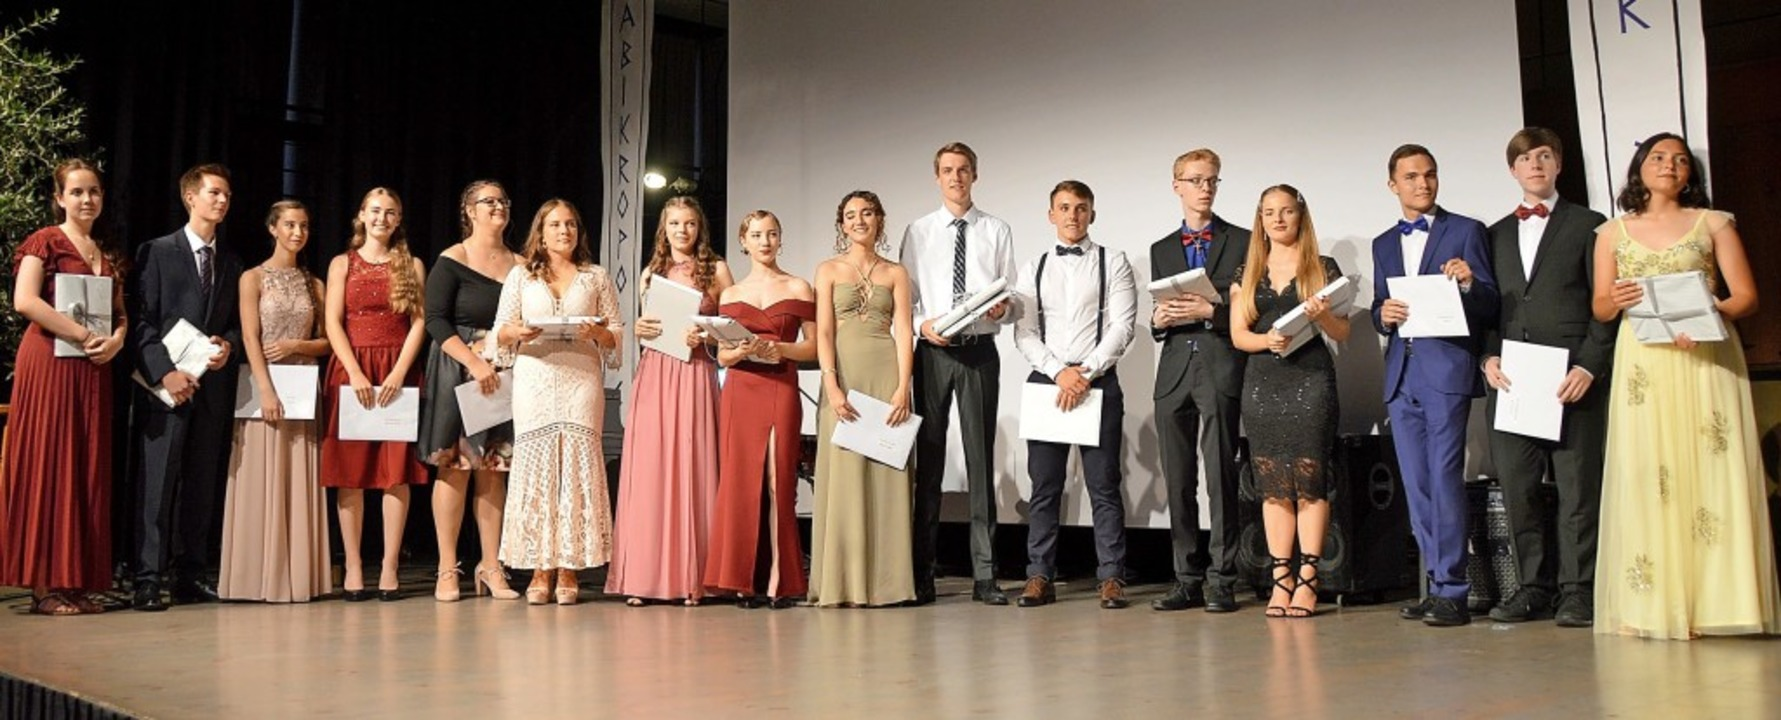 Die mit Preisen geehrten Abiturienten   | Foto: Horatio Gollin